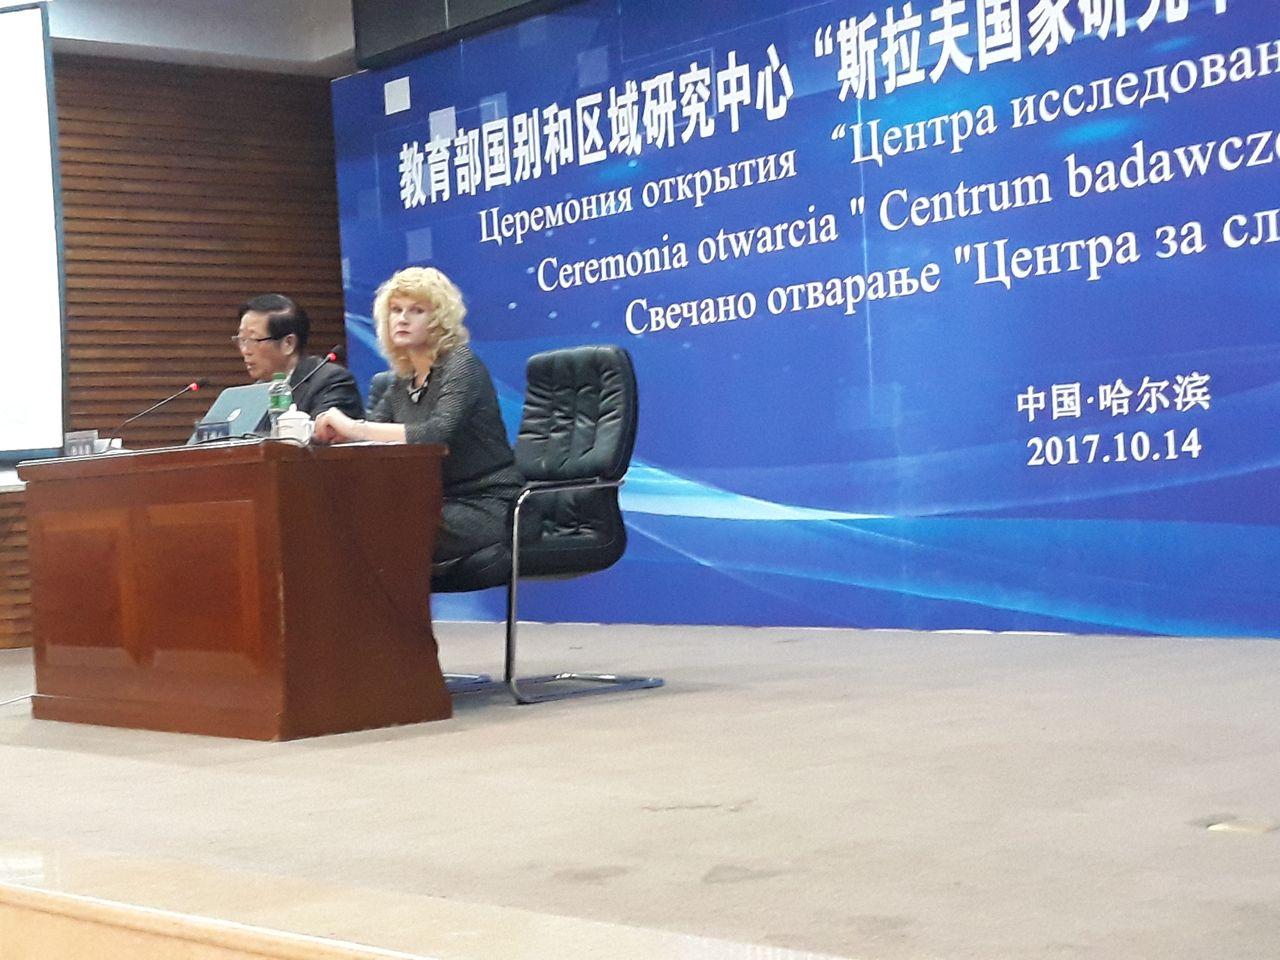 Открытие Центра исследований славянских стран и народов в Харбинском педагогическом университете